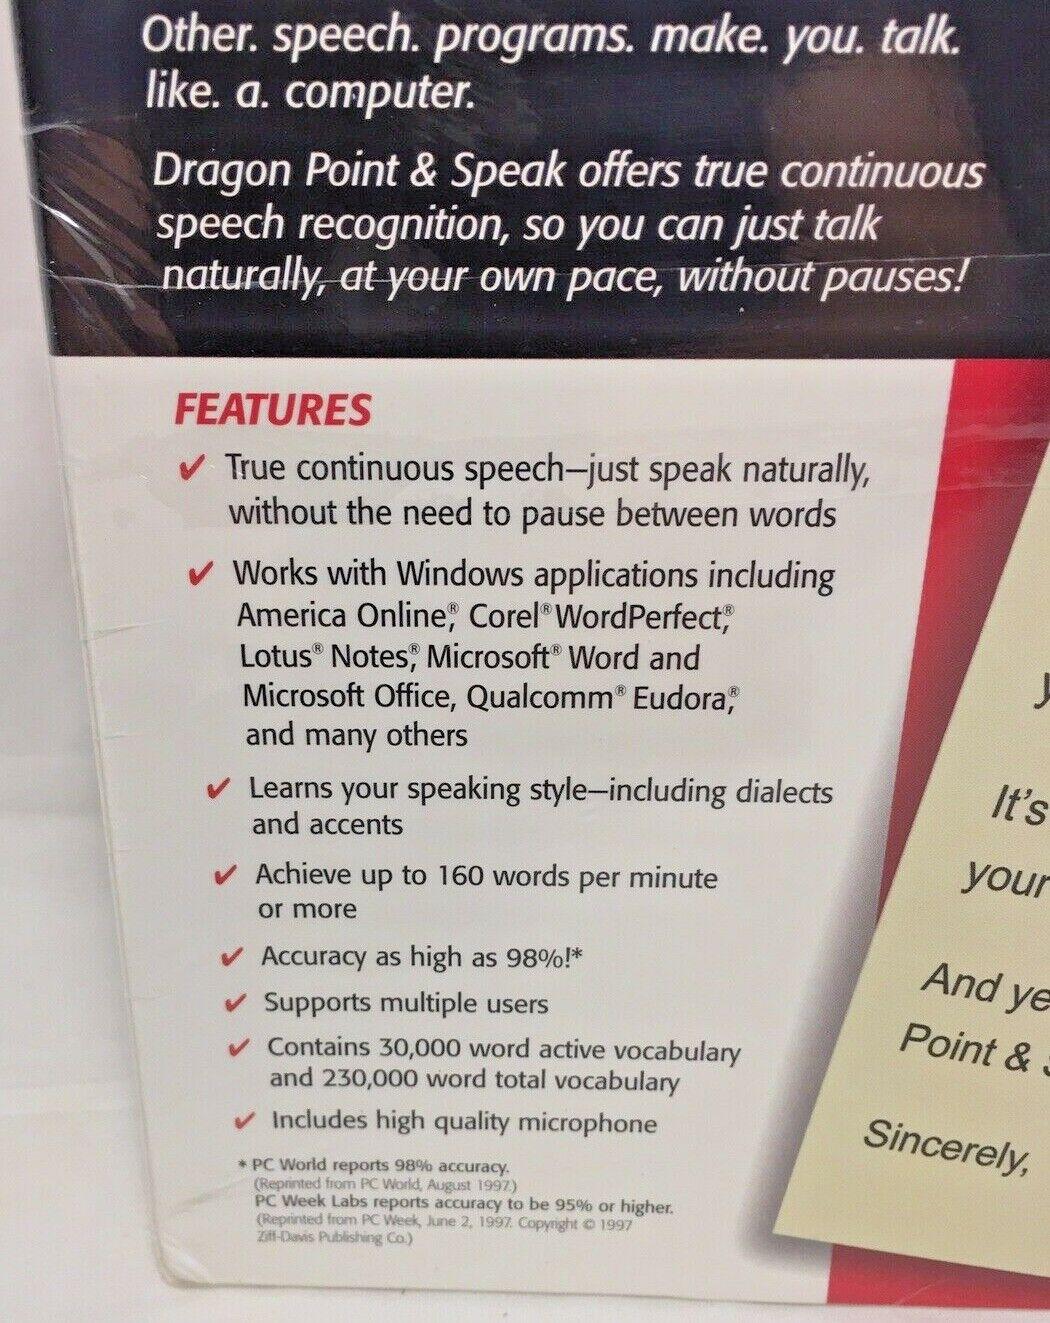 Dragon Point & Speak 3 0 W Microphone Voice Speech Recognition Windows 98